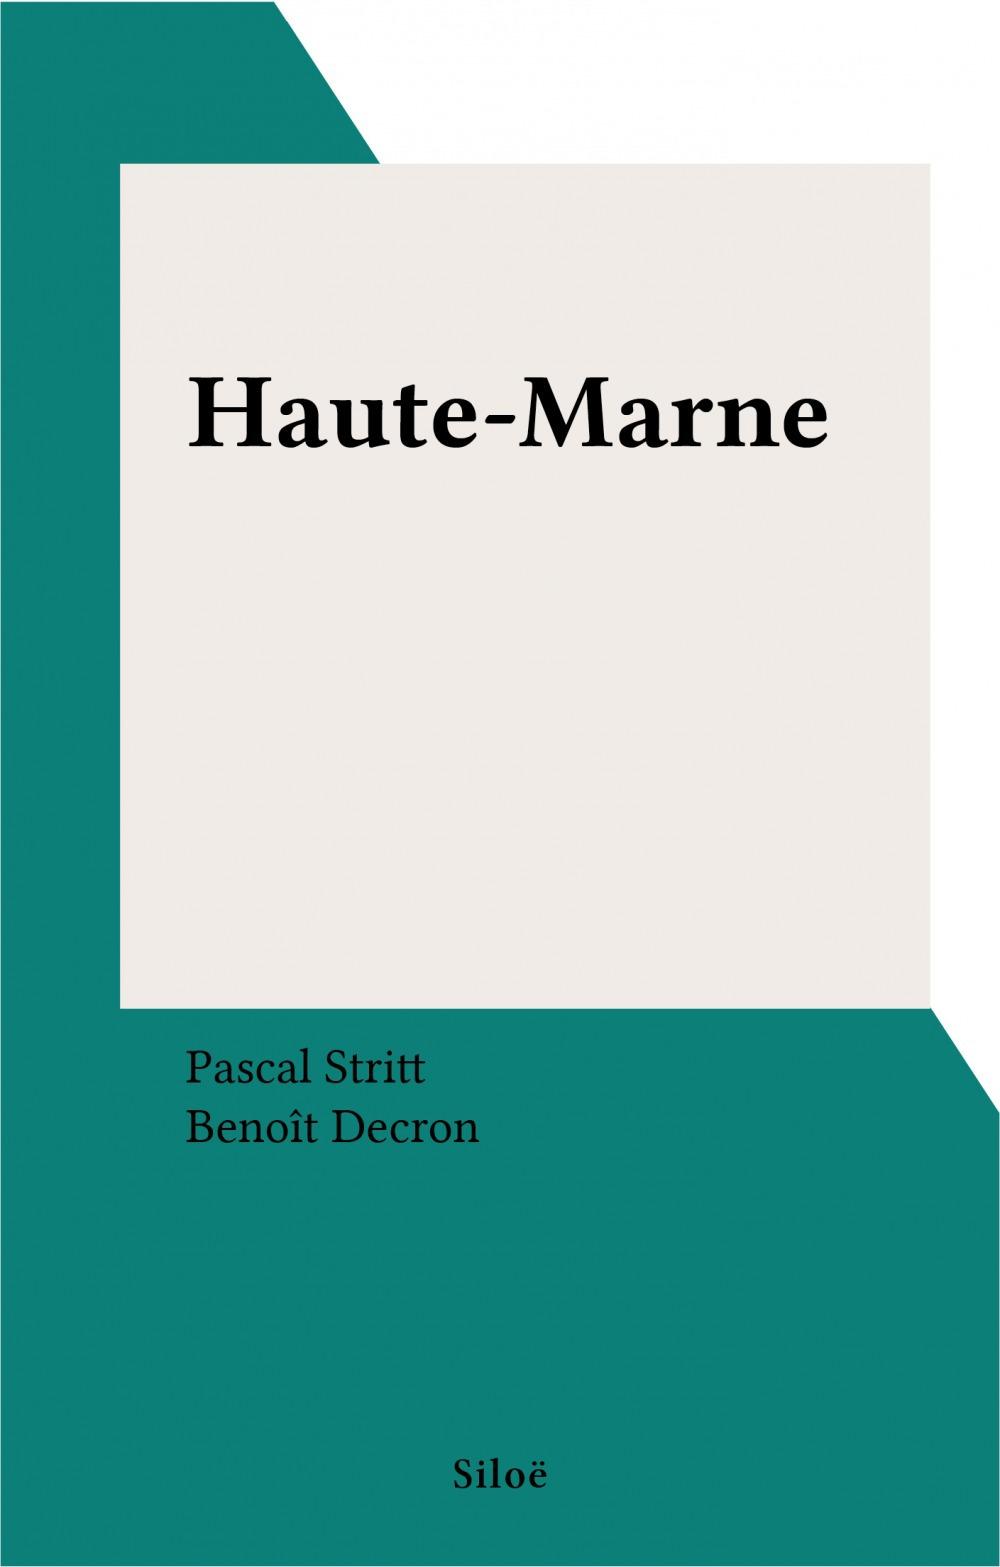 Haute-Marne  - Pascal Stritt  - Benoit Decron